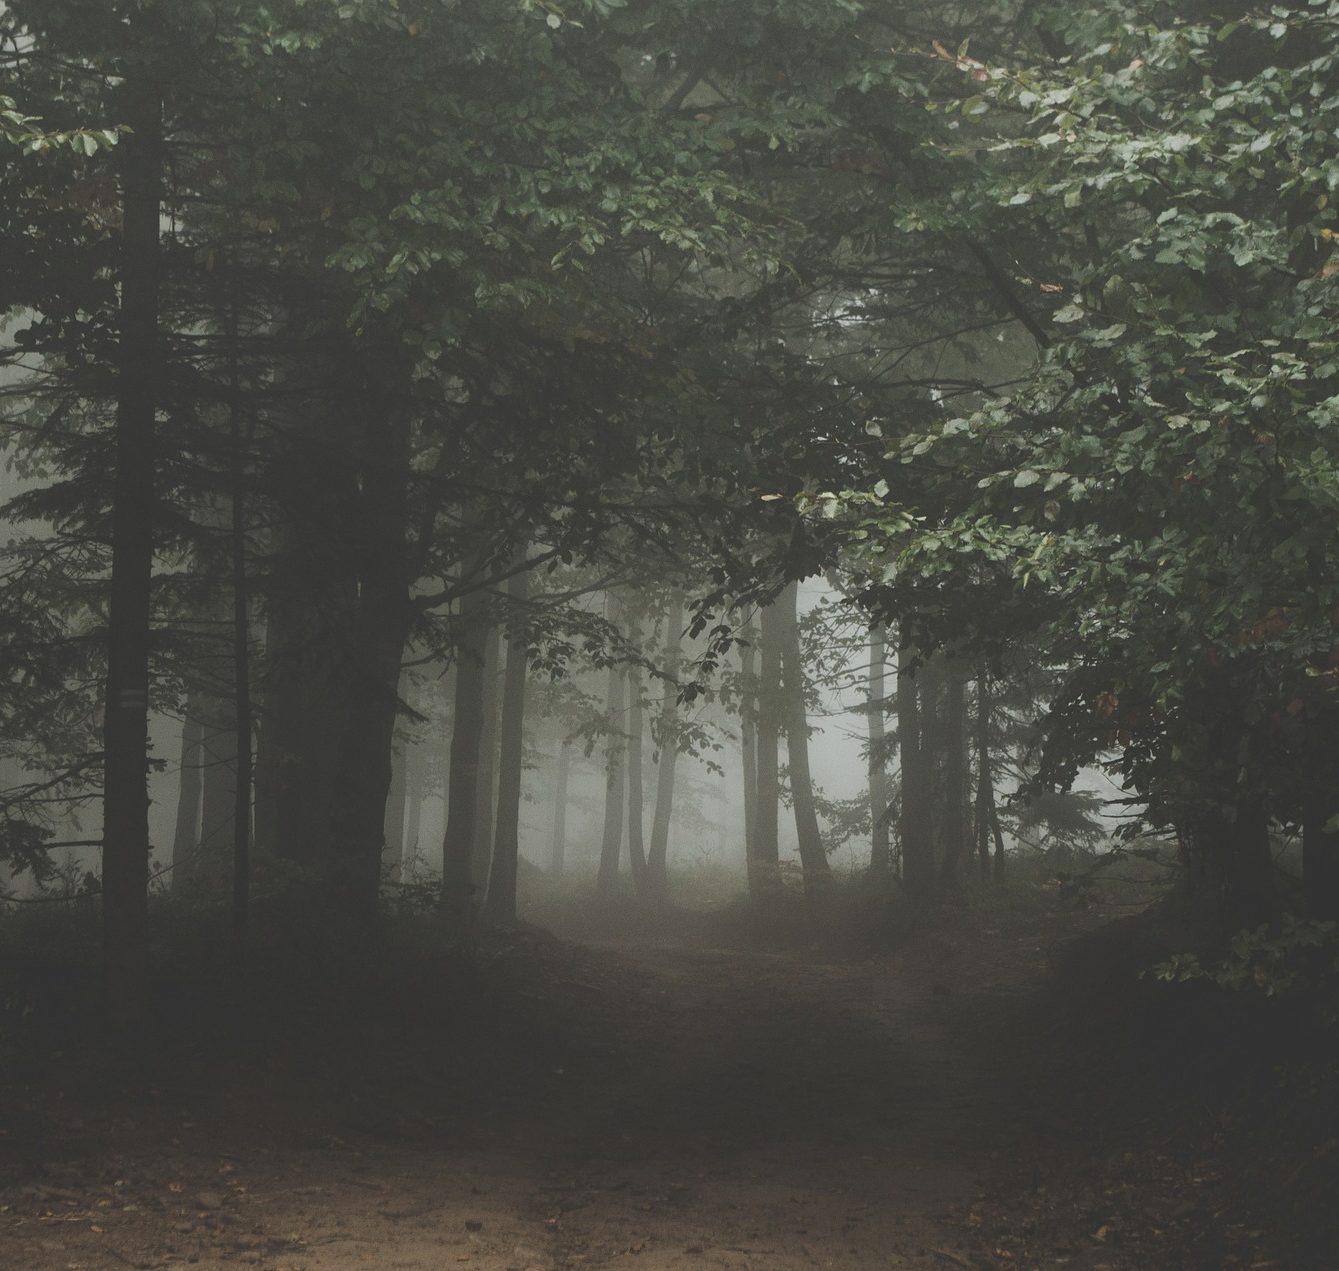 Wald in der Dämmerung